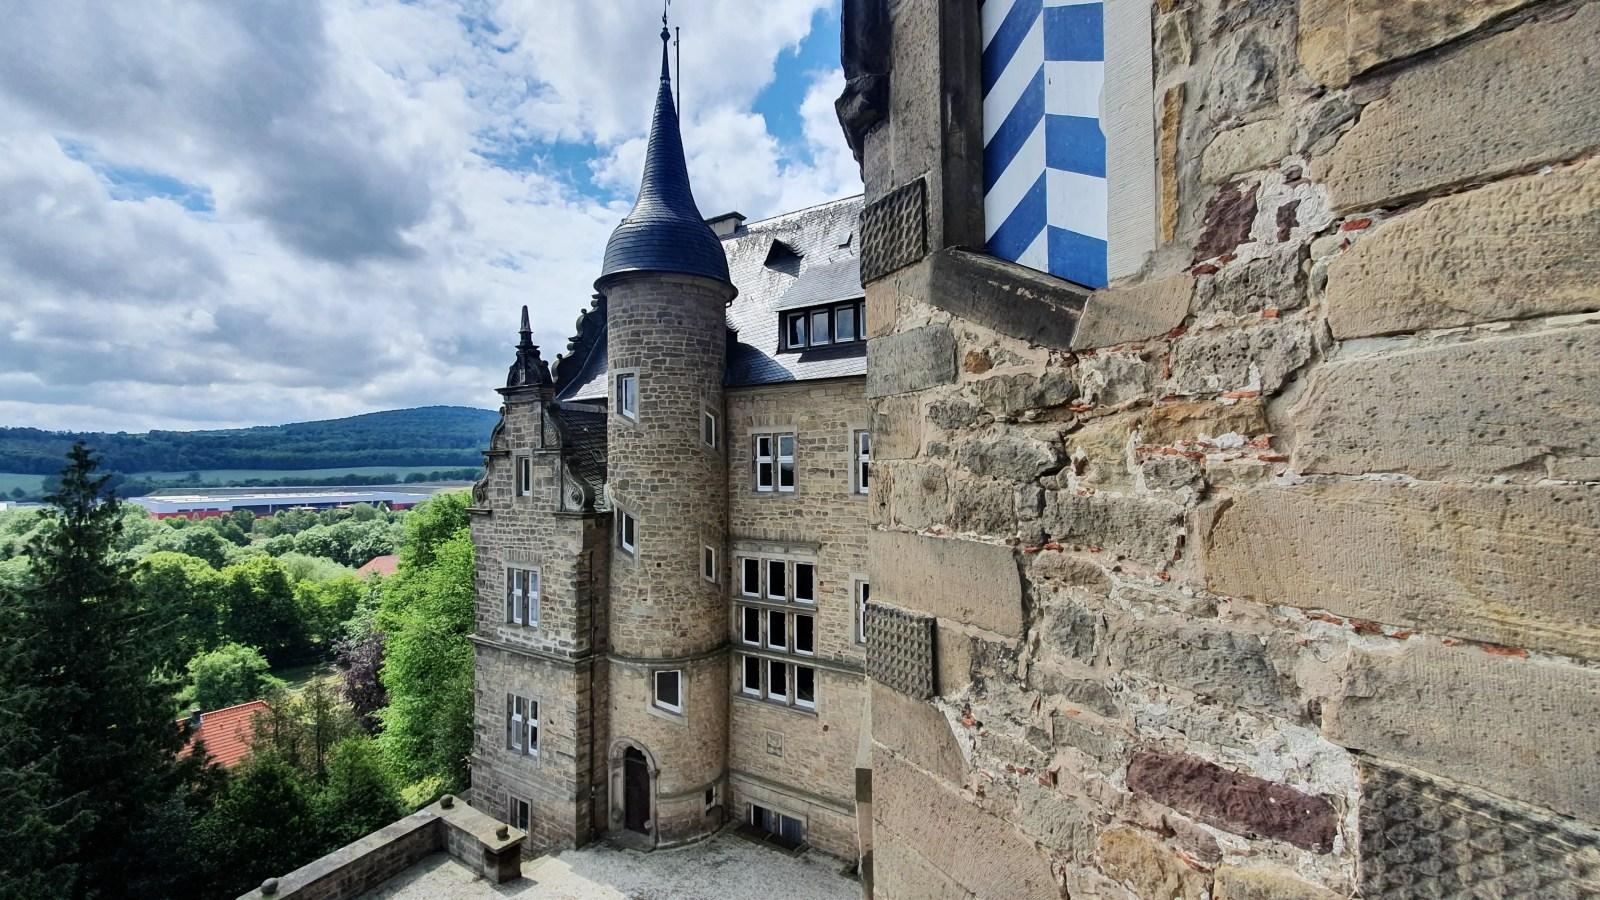 Burgen in Südniedersachsen, Burg Adelebsen, Burgruine, Schloss Adelebsen, Sehenswürdigkeiten bei Göttingen